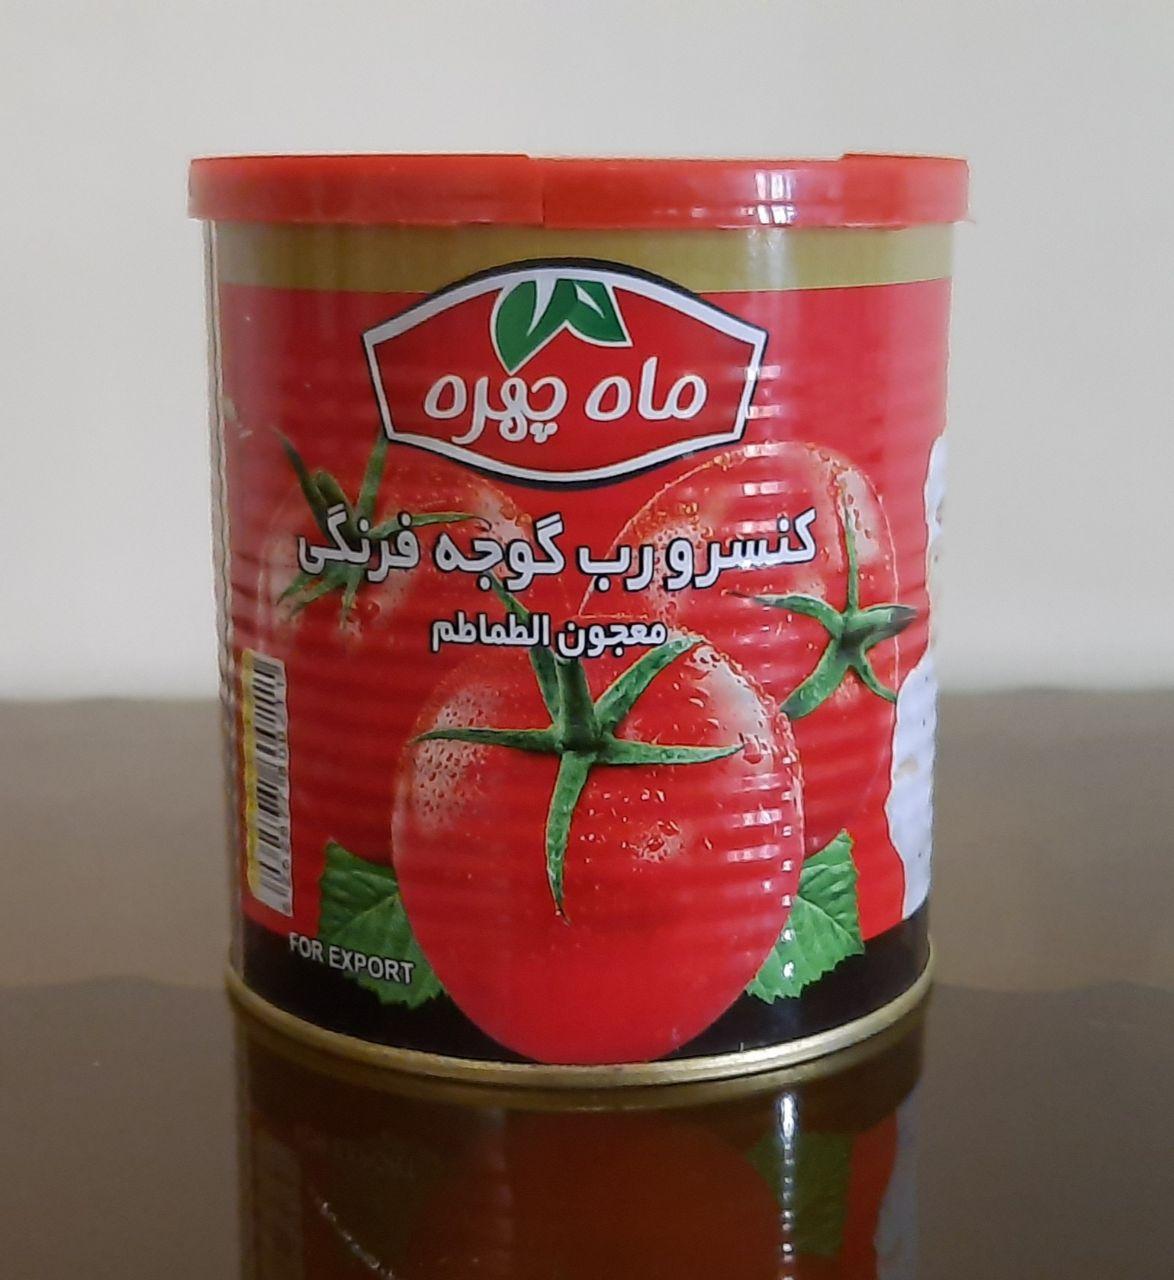 رب گوجه فرنگی ماه چهره